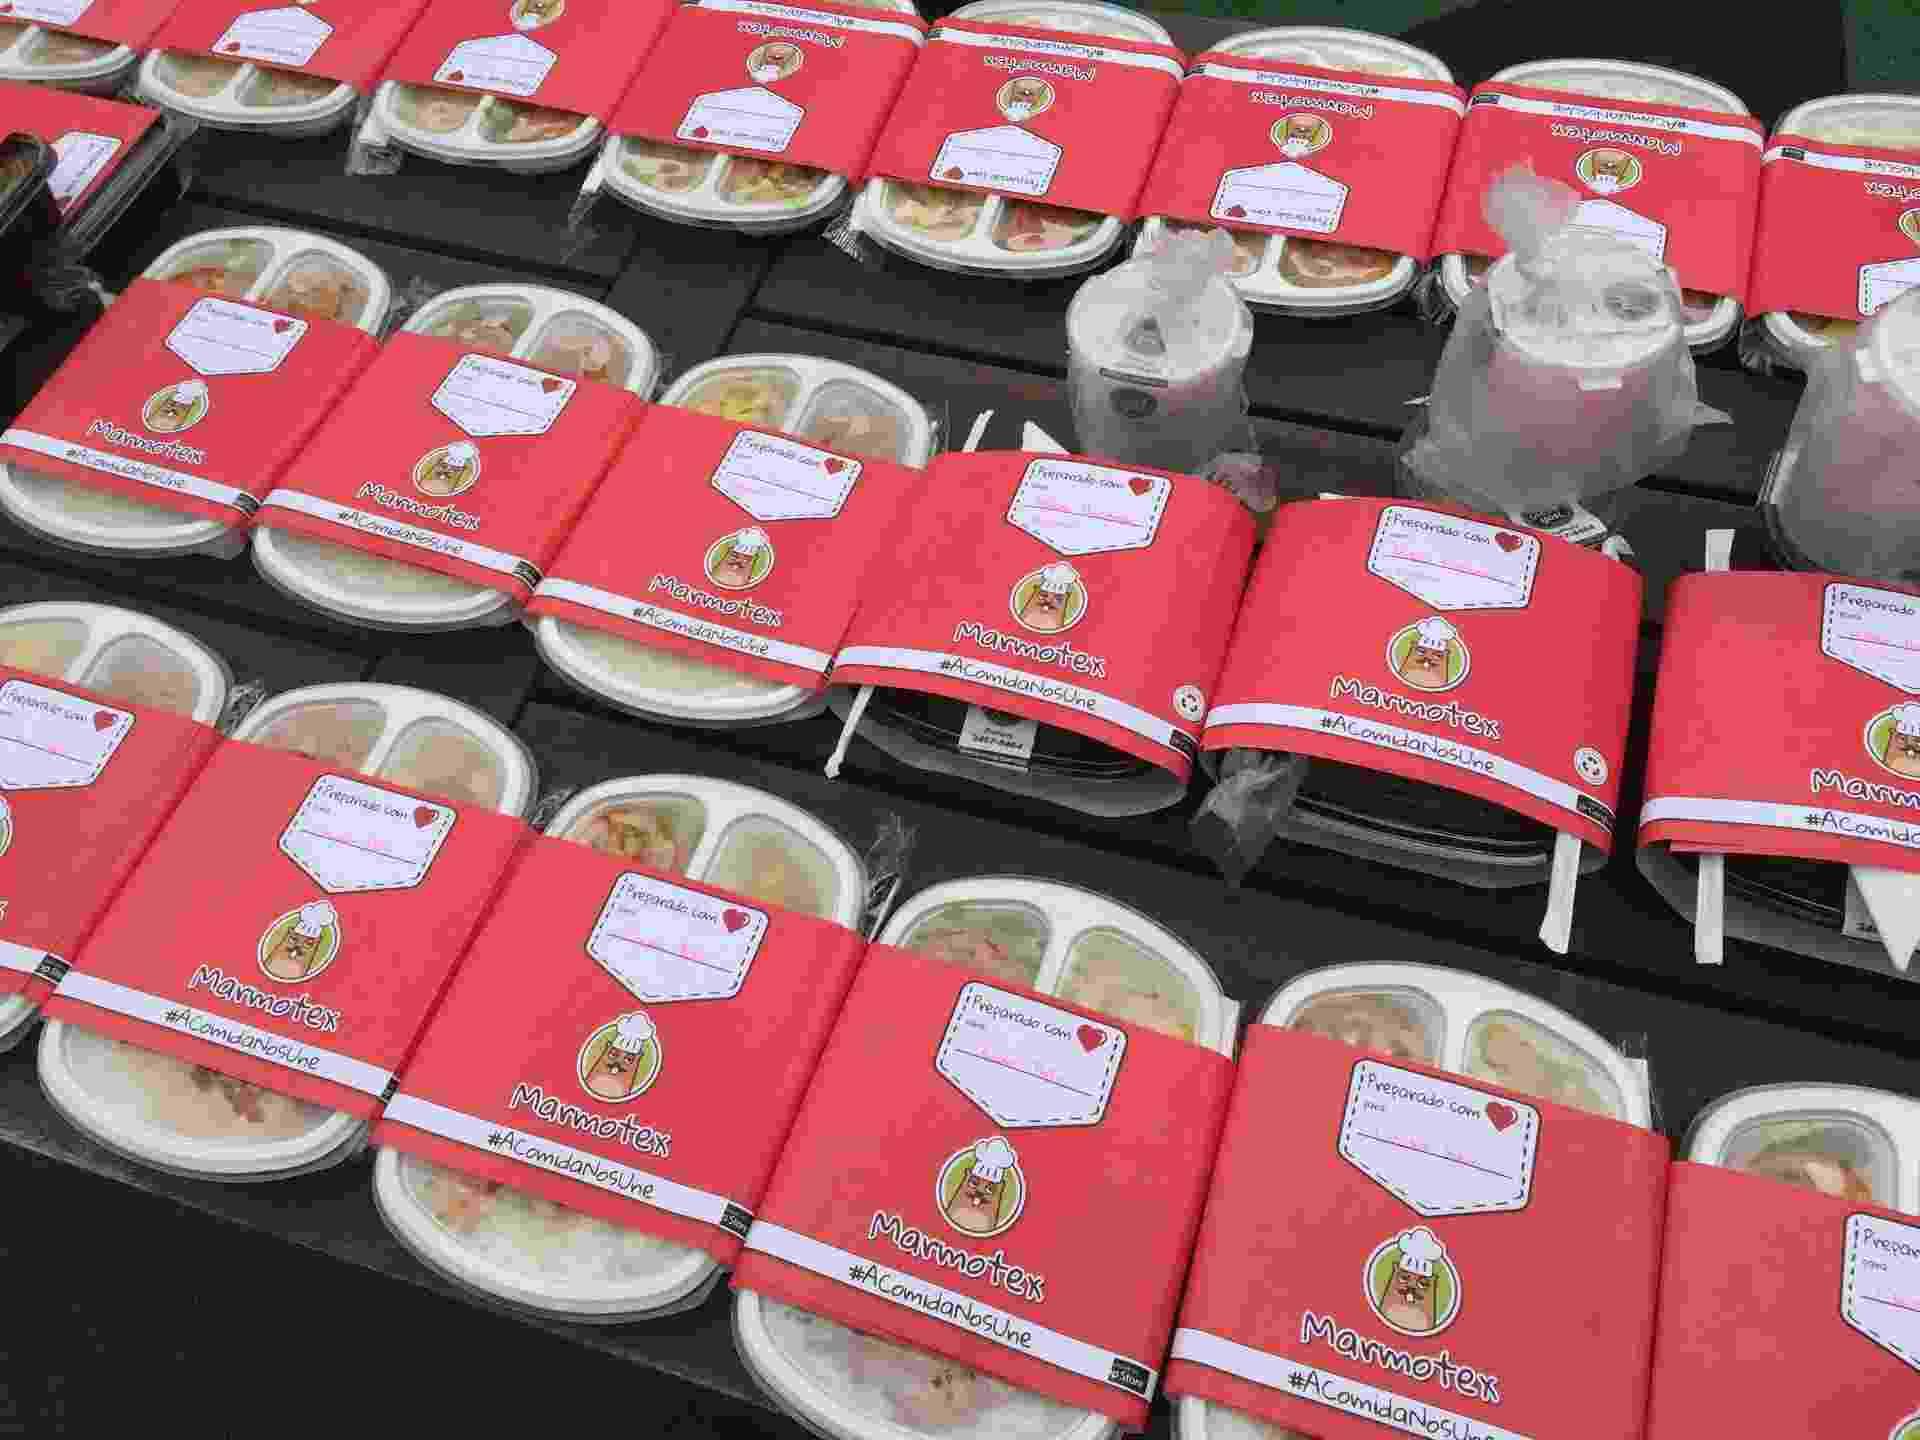 A Marmotex vende marmitas para escritórios, mas só realiza entrega para grupos cadastrados no site; de acordo com os sócios, há 116 opções entre comida típica brasileira, oriental, árabe, mexicana, vegetariana e light; os preços variam de R$ 15 a R$ 35; clique nas imagens acima e veja mais - Divulgação